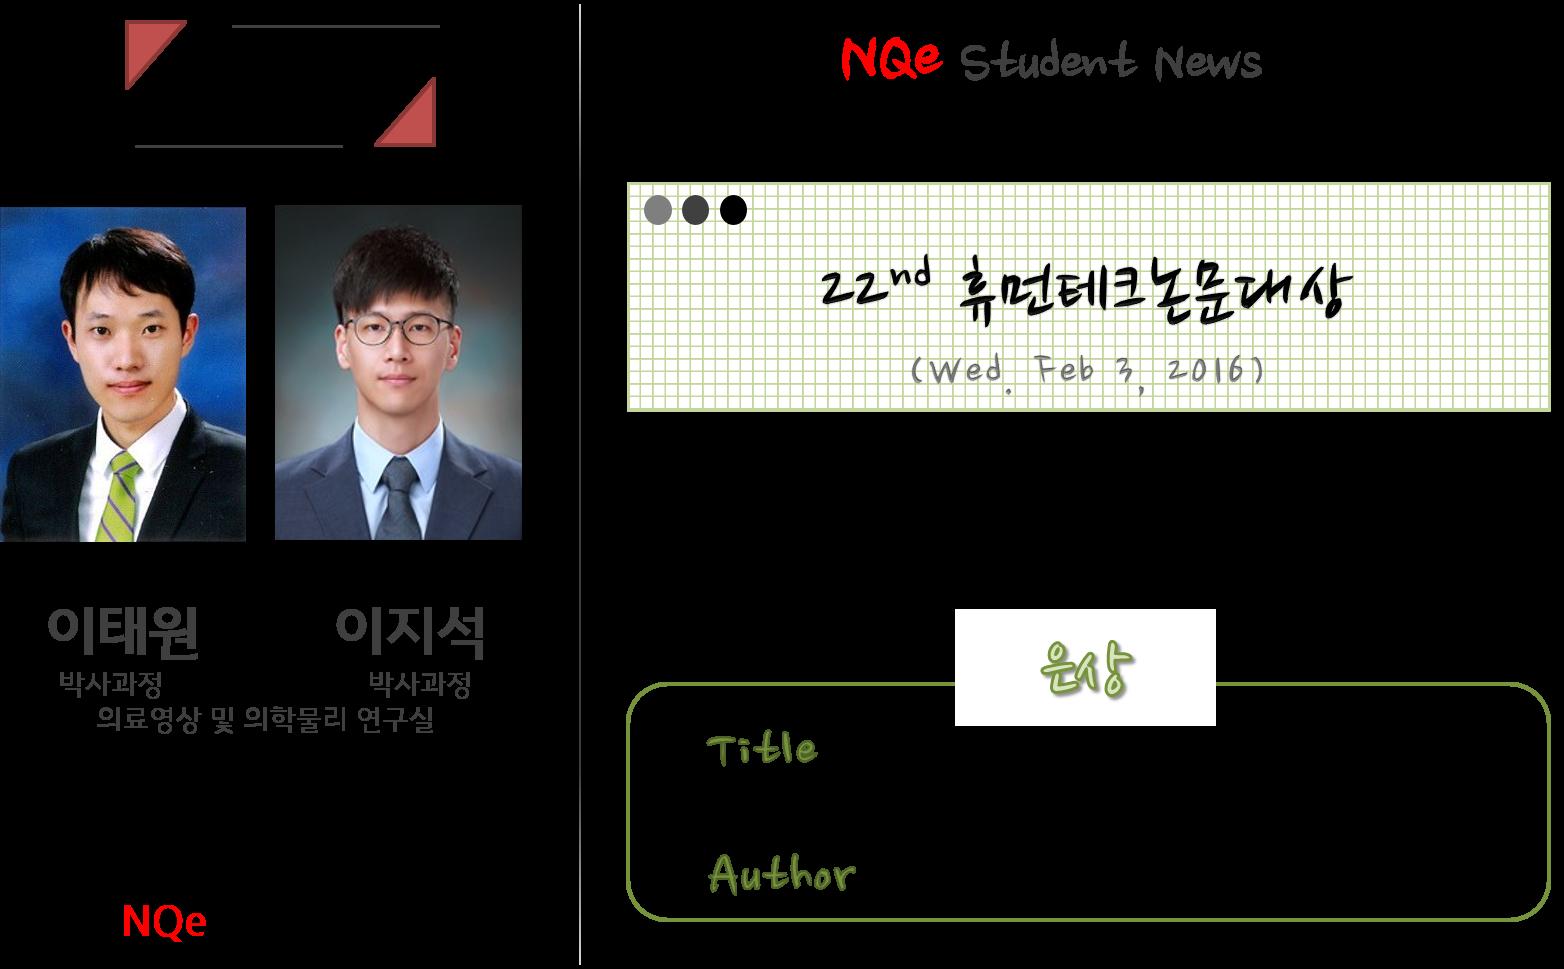 이태원_이지석_은상수상(20160204).png